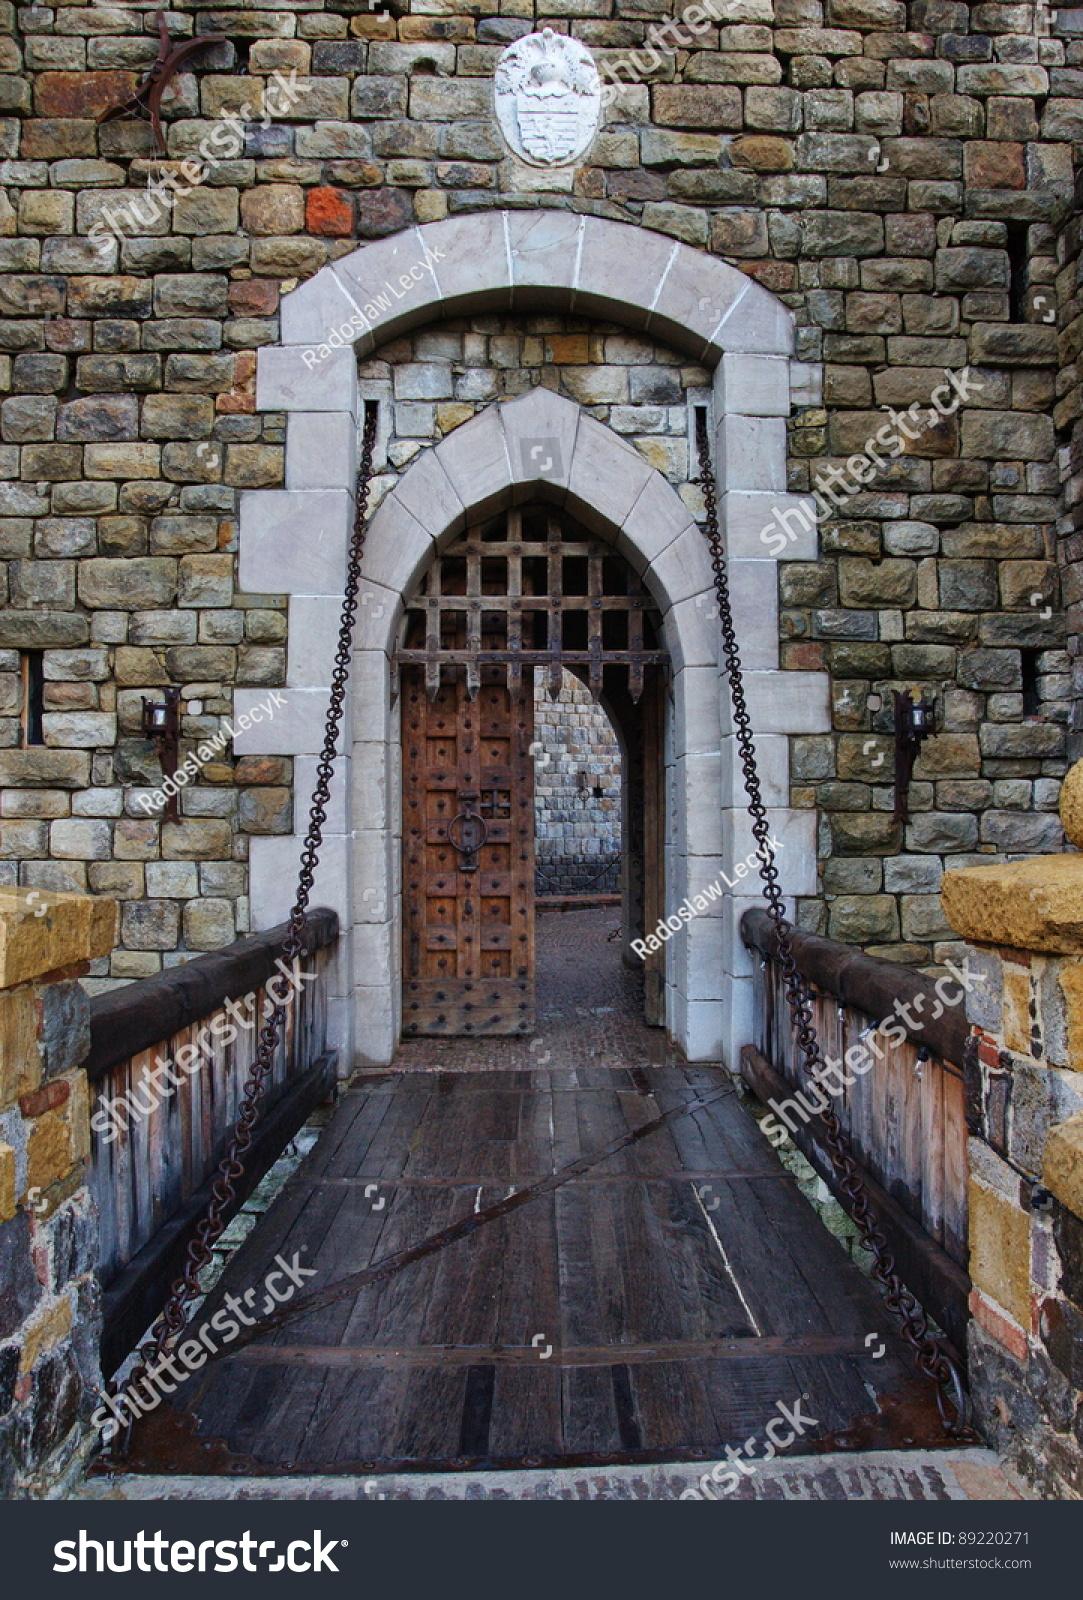 Old Castle Door Drawbridge Stock Photo 89220271 Shutterstock